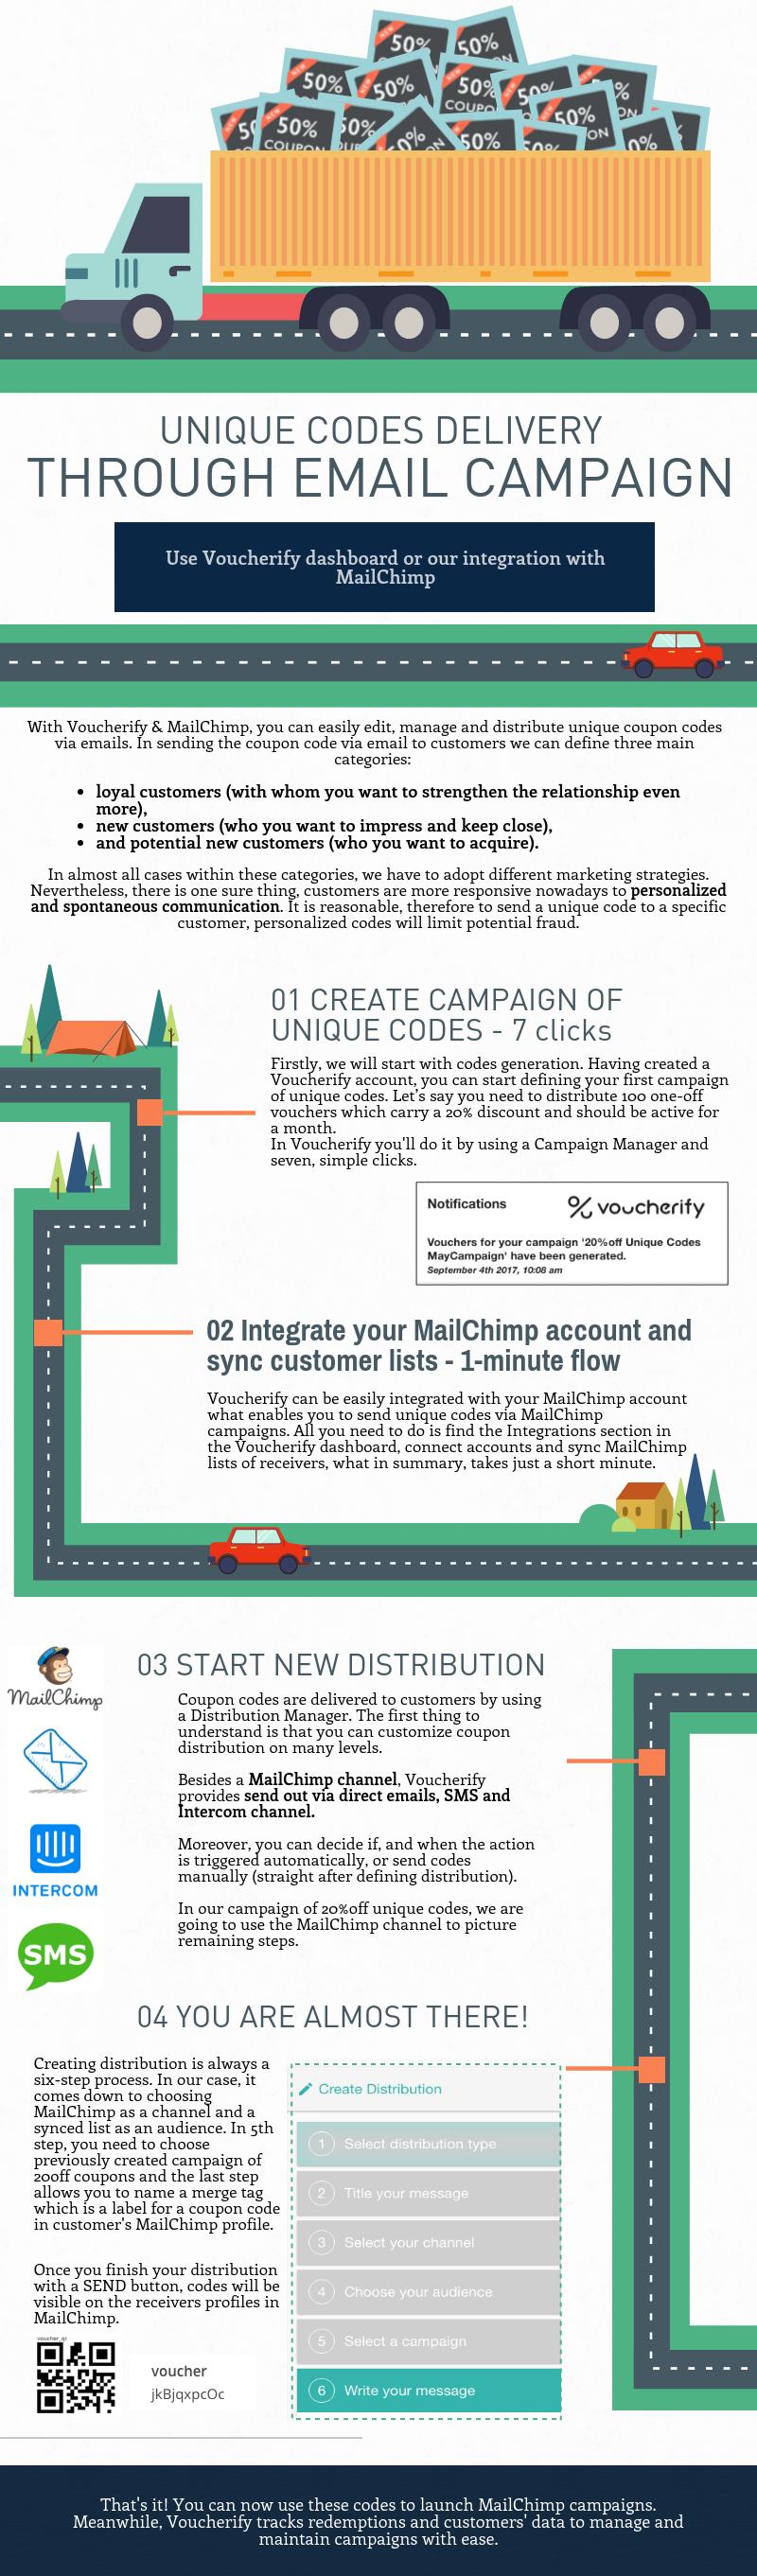 Unique codes delivery through email campaign (MailChimp + Voucherify)